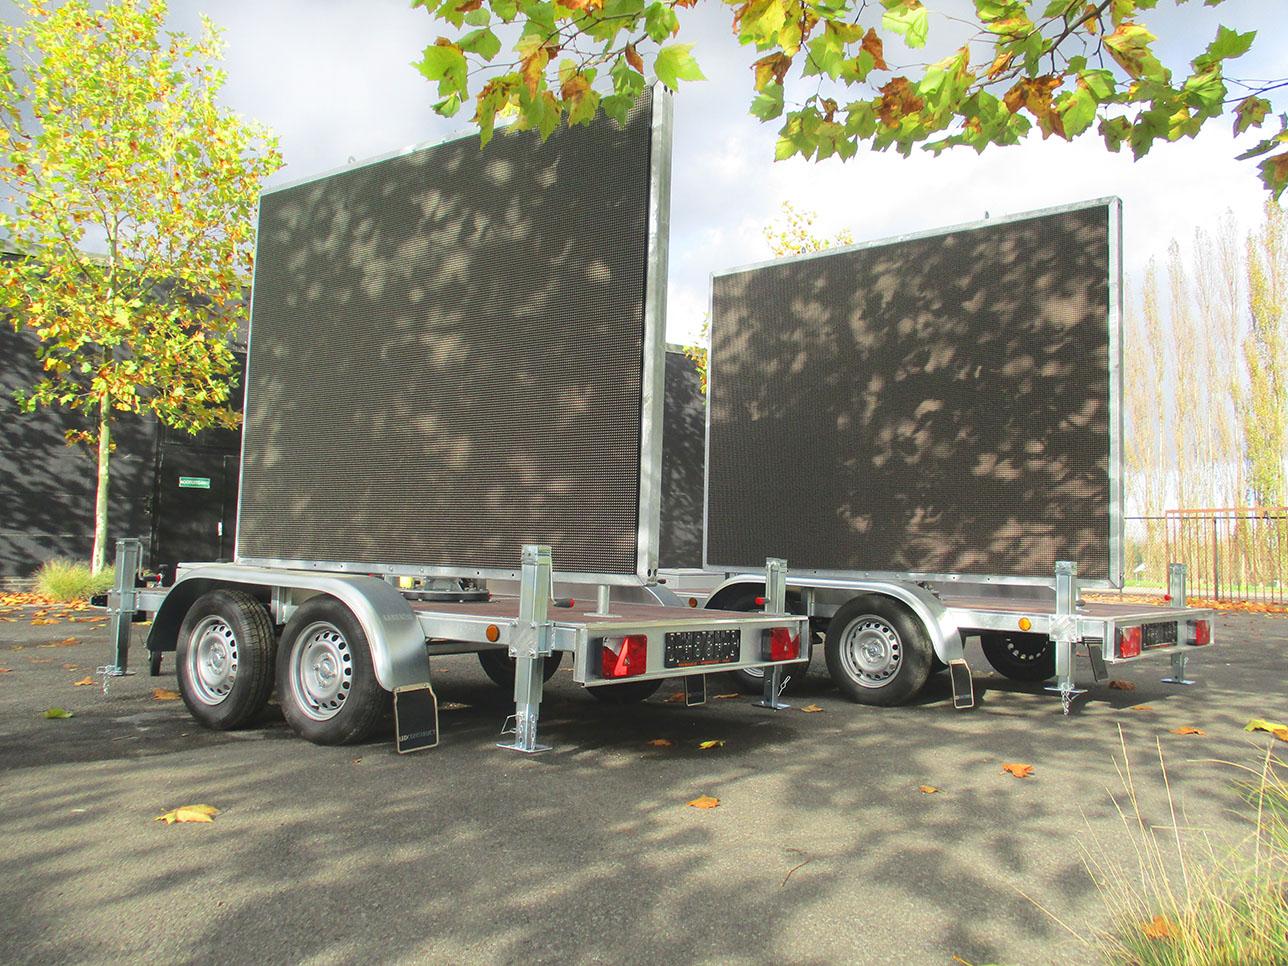 Twee 5m² ledschermen op aanhangwagen met pixel pitch p10 van Maxled